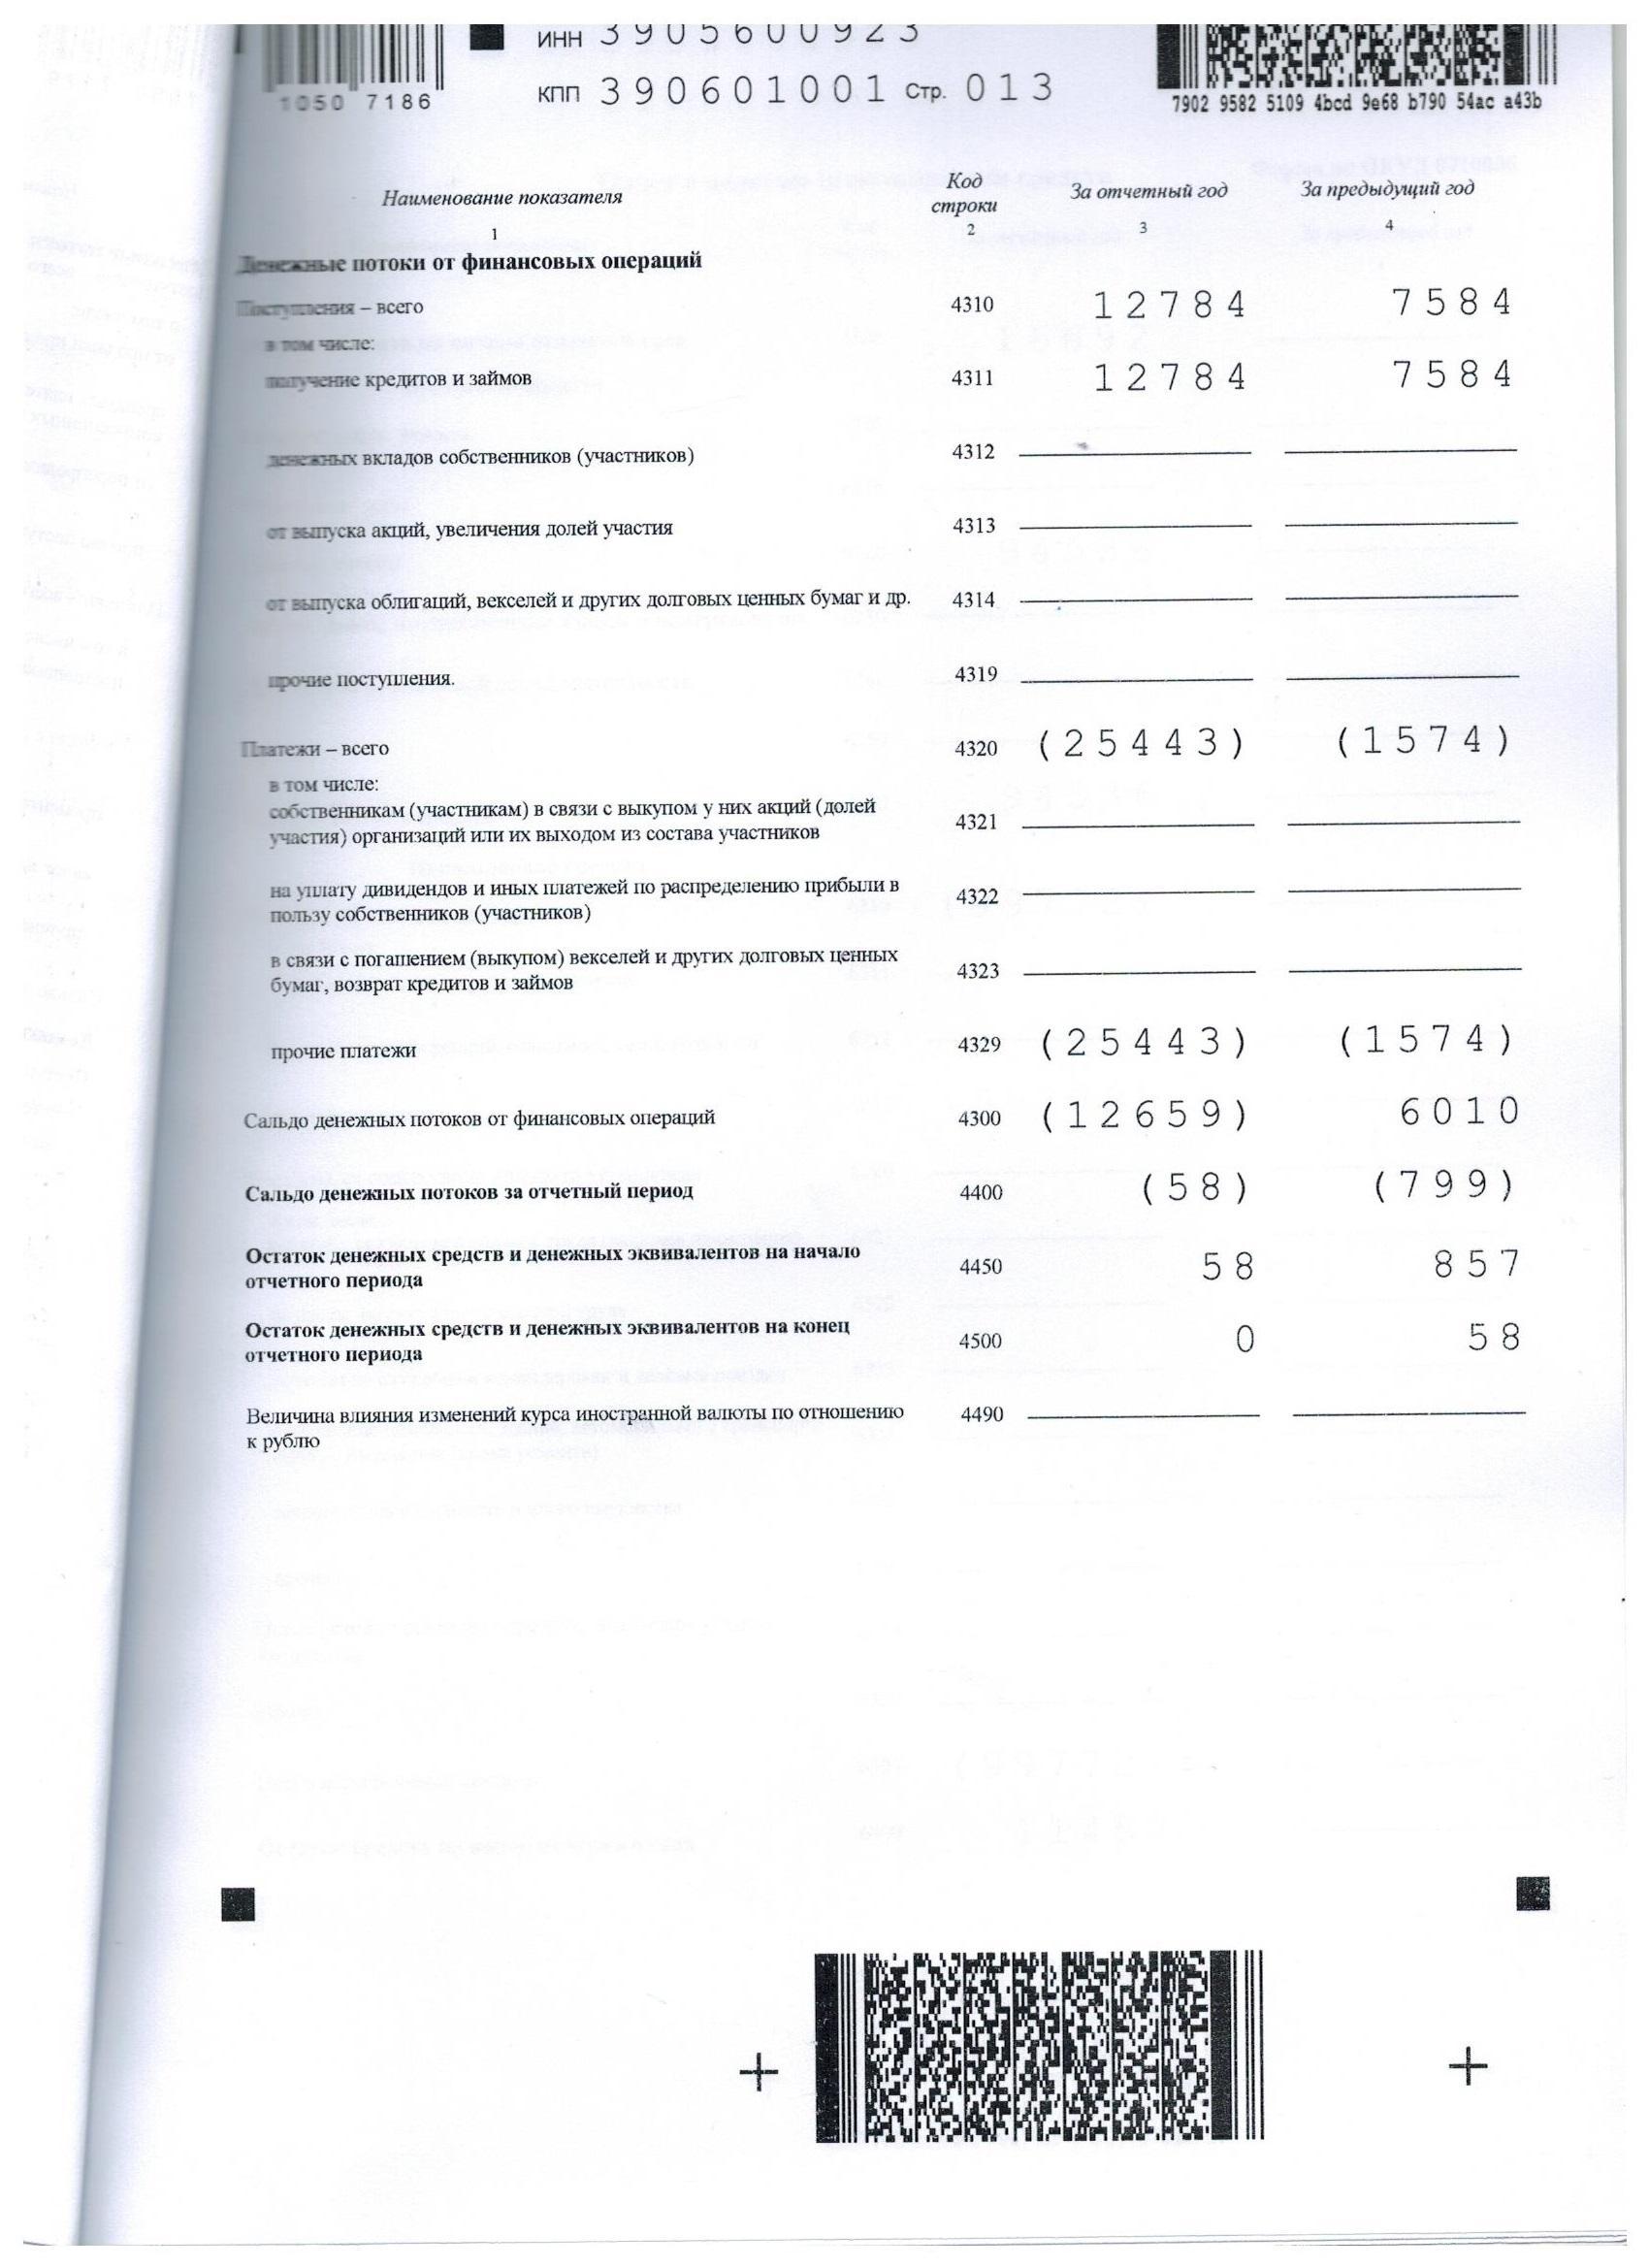 Отчет о движении денежных средств ст2